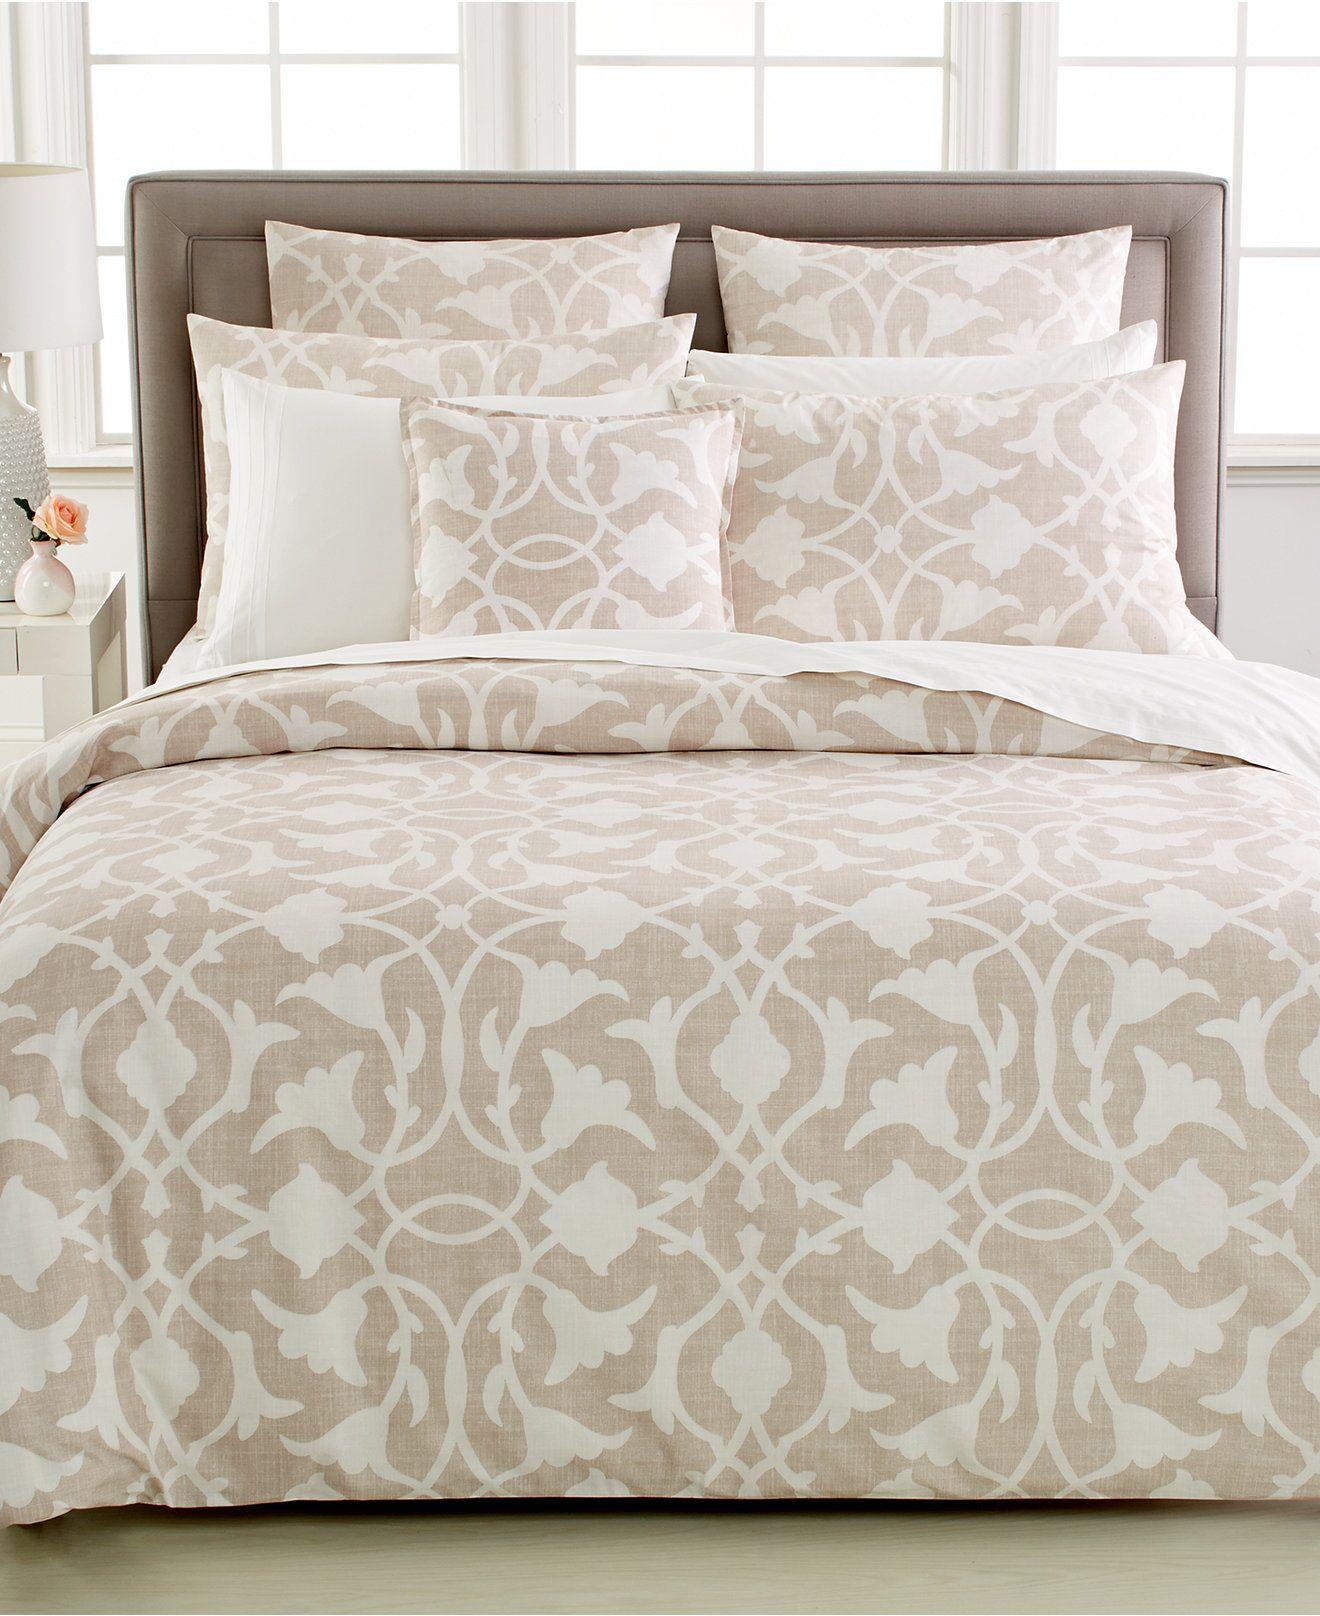 Barbara Barry Poetical Mesa Queen Duvet Cover Bedding